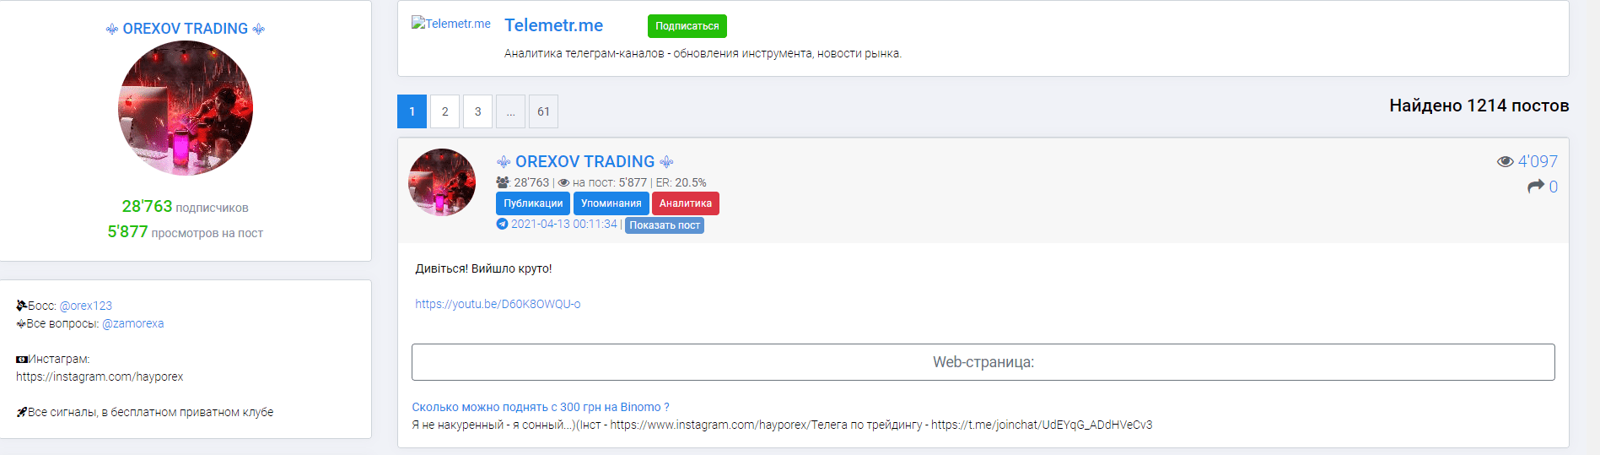 телеграмм orexov trading